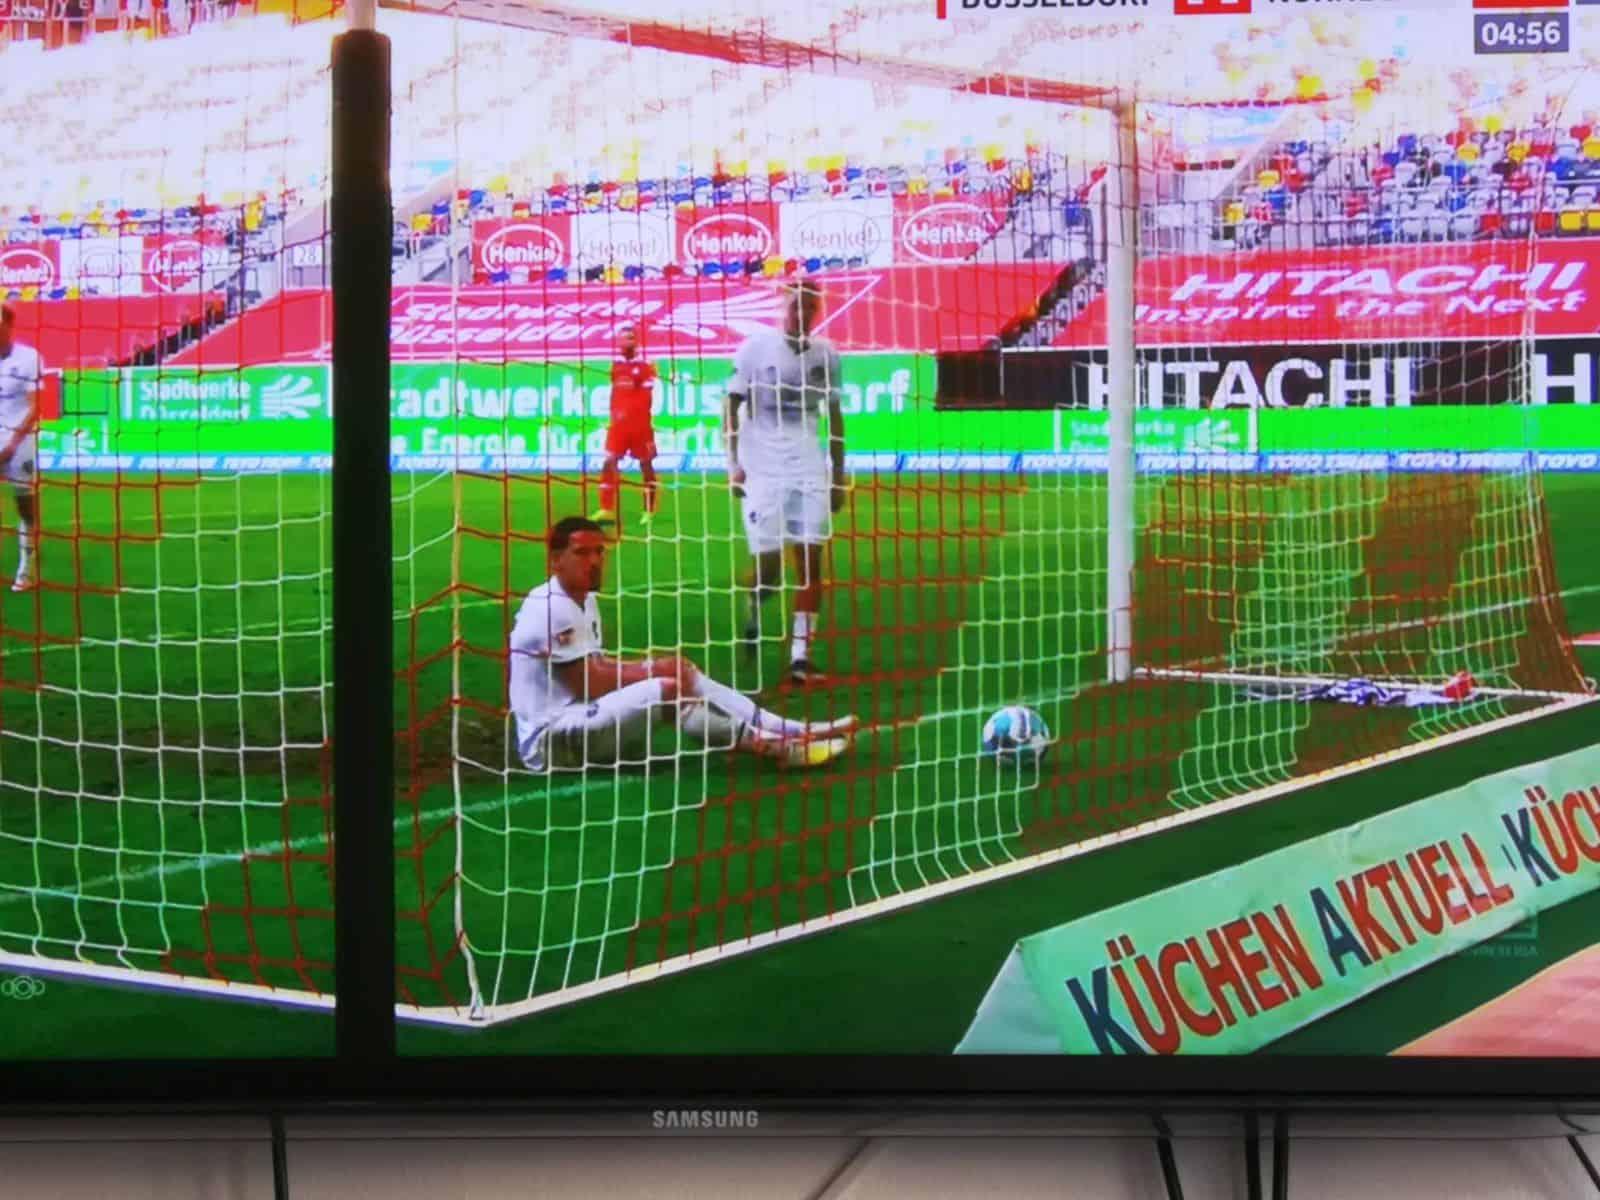 F95 vs Nürnberg: Das 3:1 in der Nachspielzeit (Screenshot: Sky)